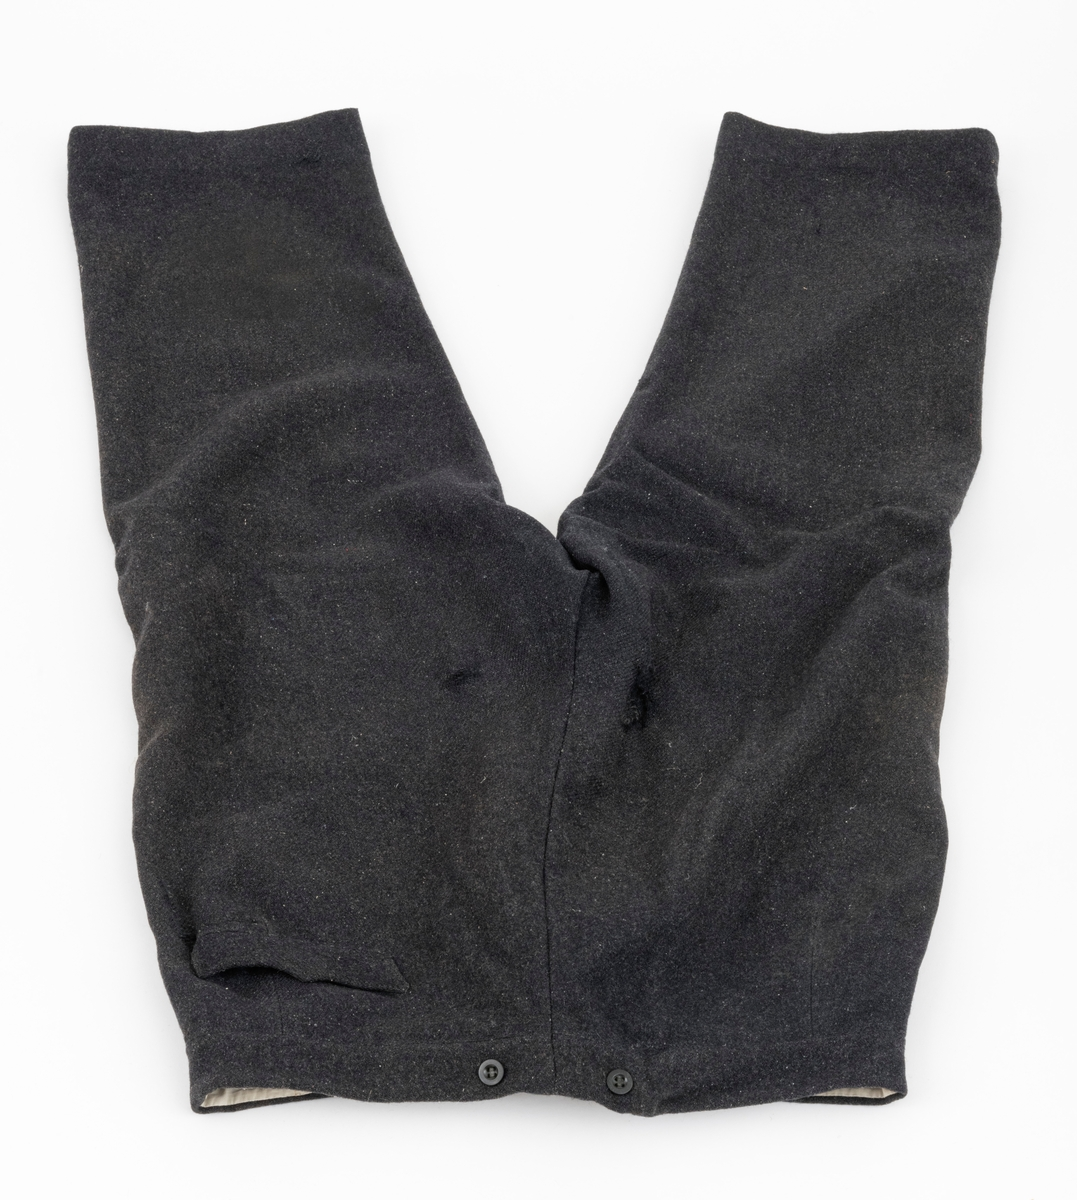 Bukse i svart vadmel (vevd ullstoff), med to stikklommer foran og en baklomme. Foret i den ene lommen foran er ødelagt. Det er påsydd 7 knapper i linningen. Den ene knappen brukes til åpning og lukking av buksa. De andre knappene, 4 foran og 2 bak, brukes som feste for bukseseler. Gylfen er utstyrt med 4 knapper, tre av plast en av metall.  Foran er det en åpning på 29 cm, som åpnes og lukkes med 4 knapper i gylfen og en knapp i linningen. Knappene er festet slik at når buksa åpnes og lukkes blir det omslag. Vadmelsbuksa er preget av bruk og slitasje. Begge buksebeina er bøtt foran, og det er slitt hull flere steder foran og bak på buksa.